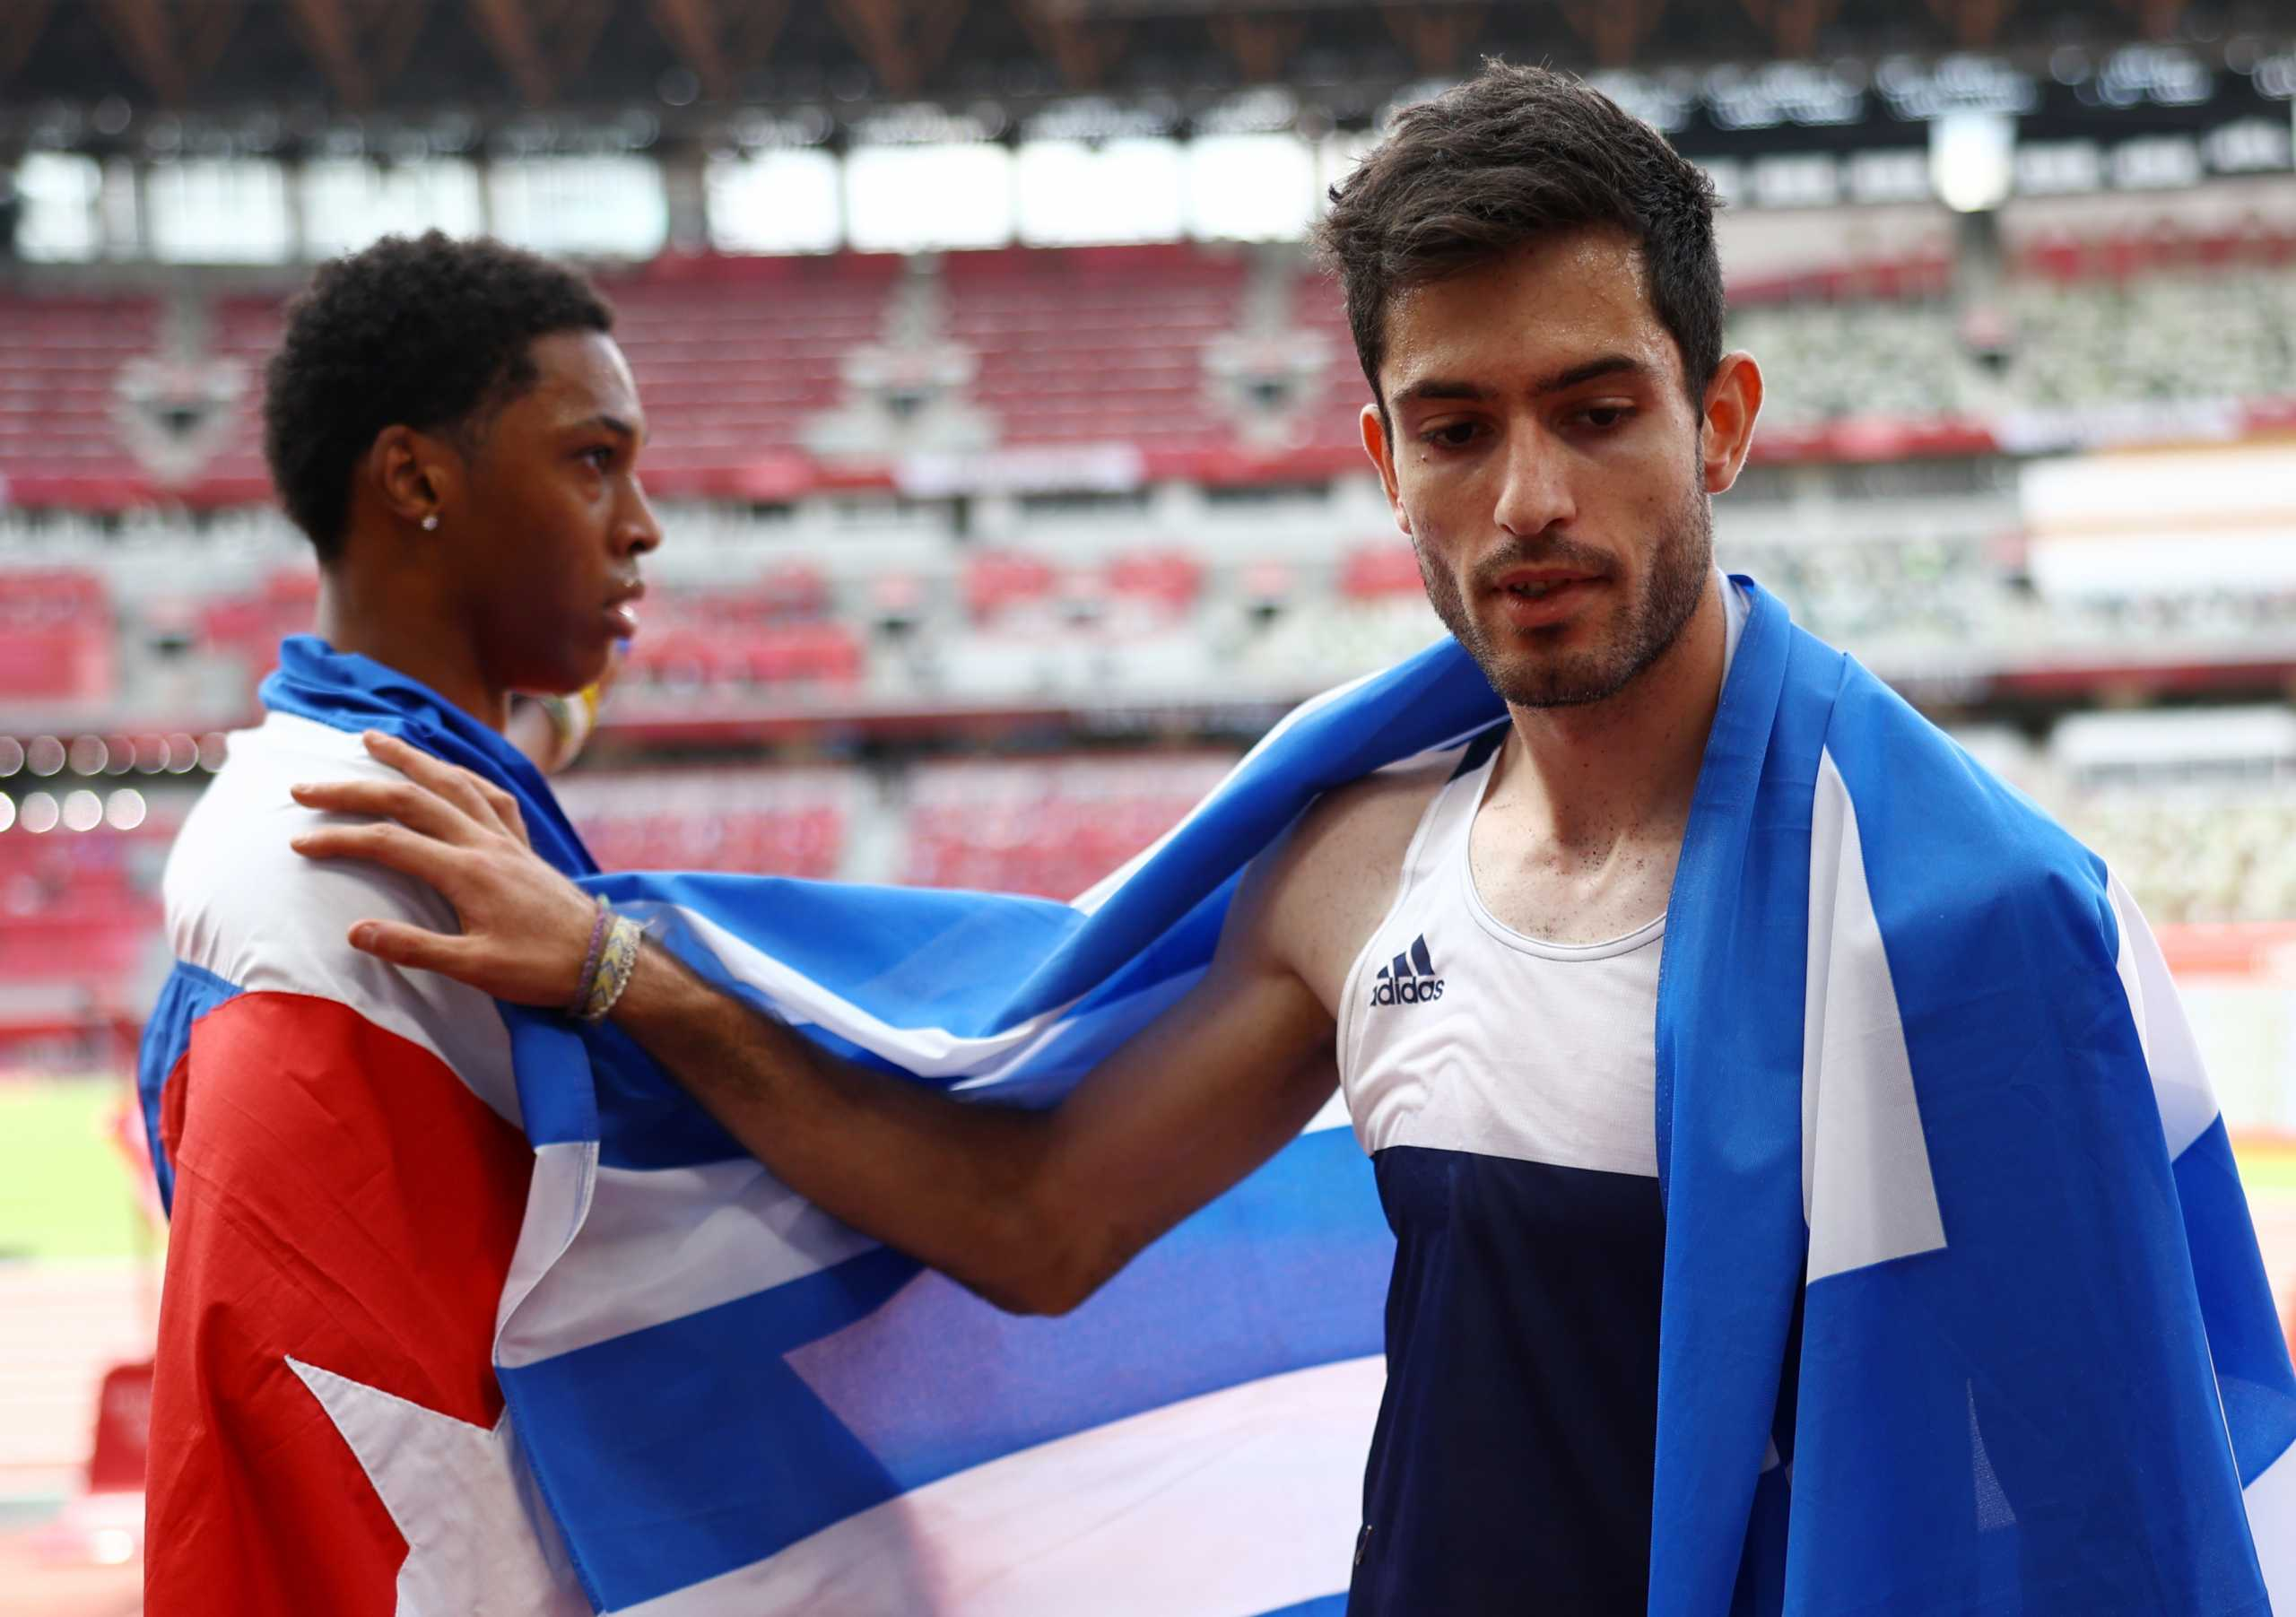 Ολυμπιακοί Αγώνες: Ο ελληνικός απολογισμός της ημέρας με τα μετάλλια των Τεντόγλου – Πετρούνια (02/08)